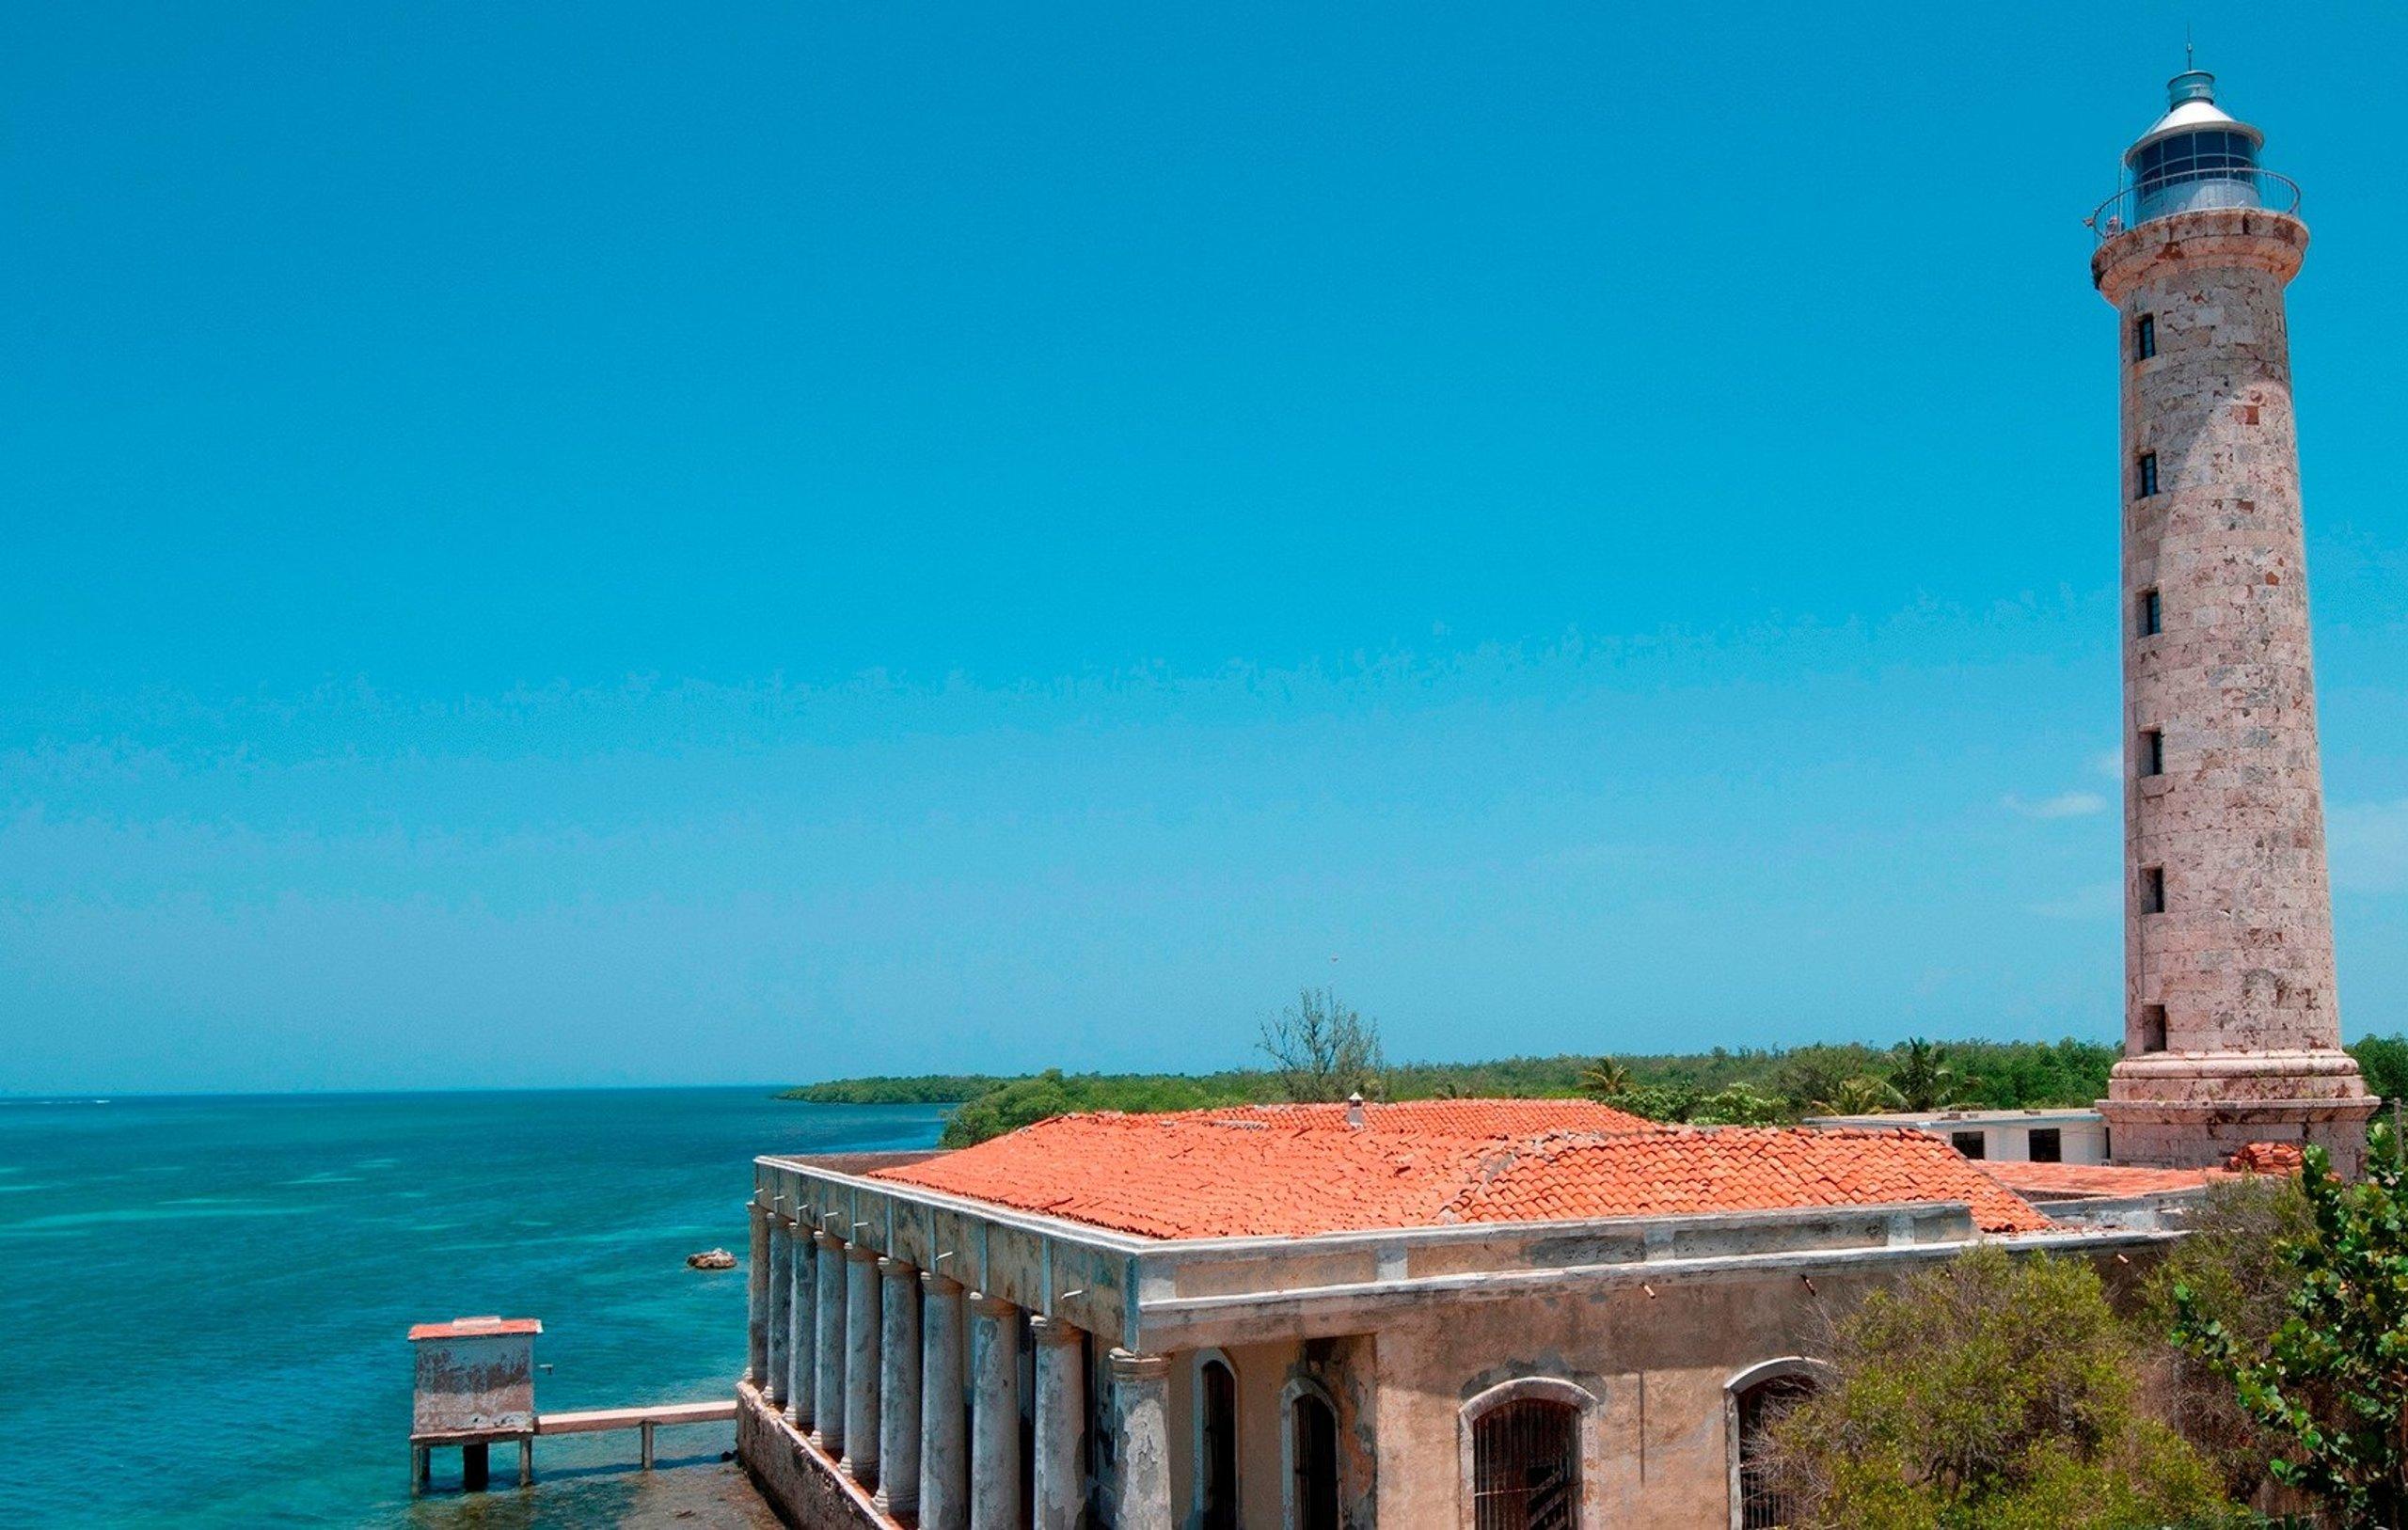 Mirando el mar 149 años